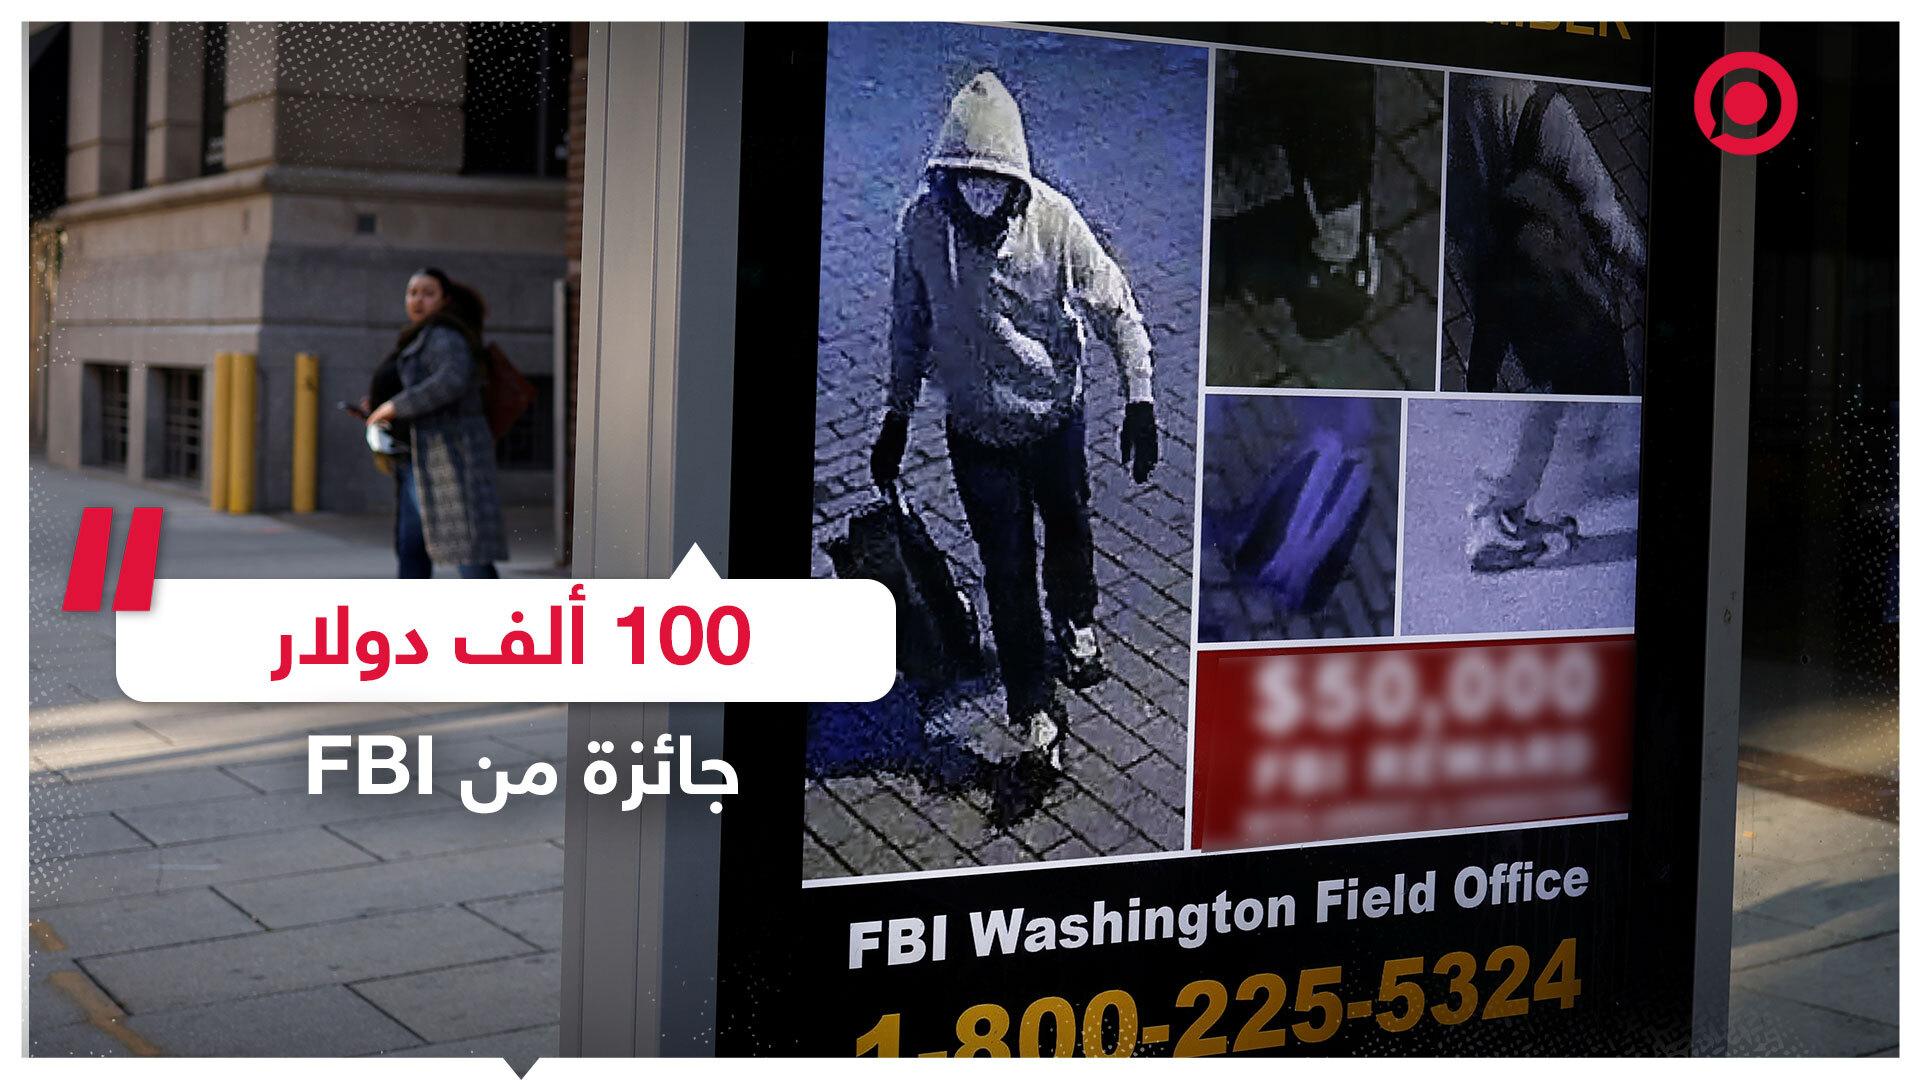 FBI ينشر فيديو يحمل أدلة جديدة عشية اقتحام الكابيتول